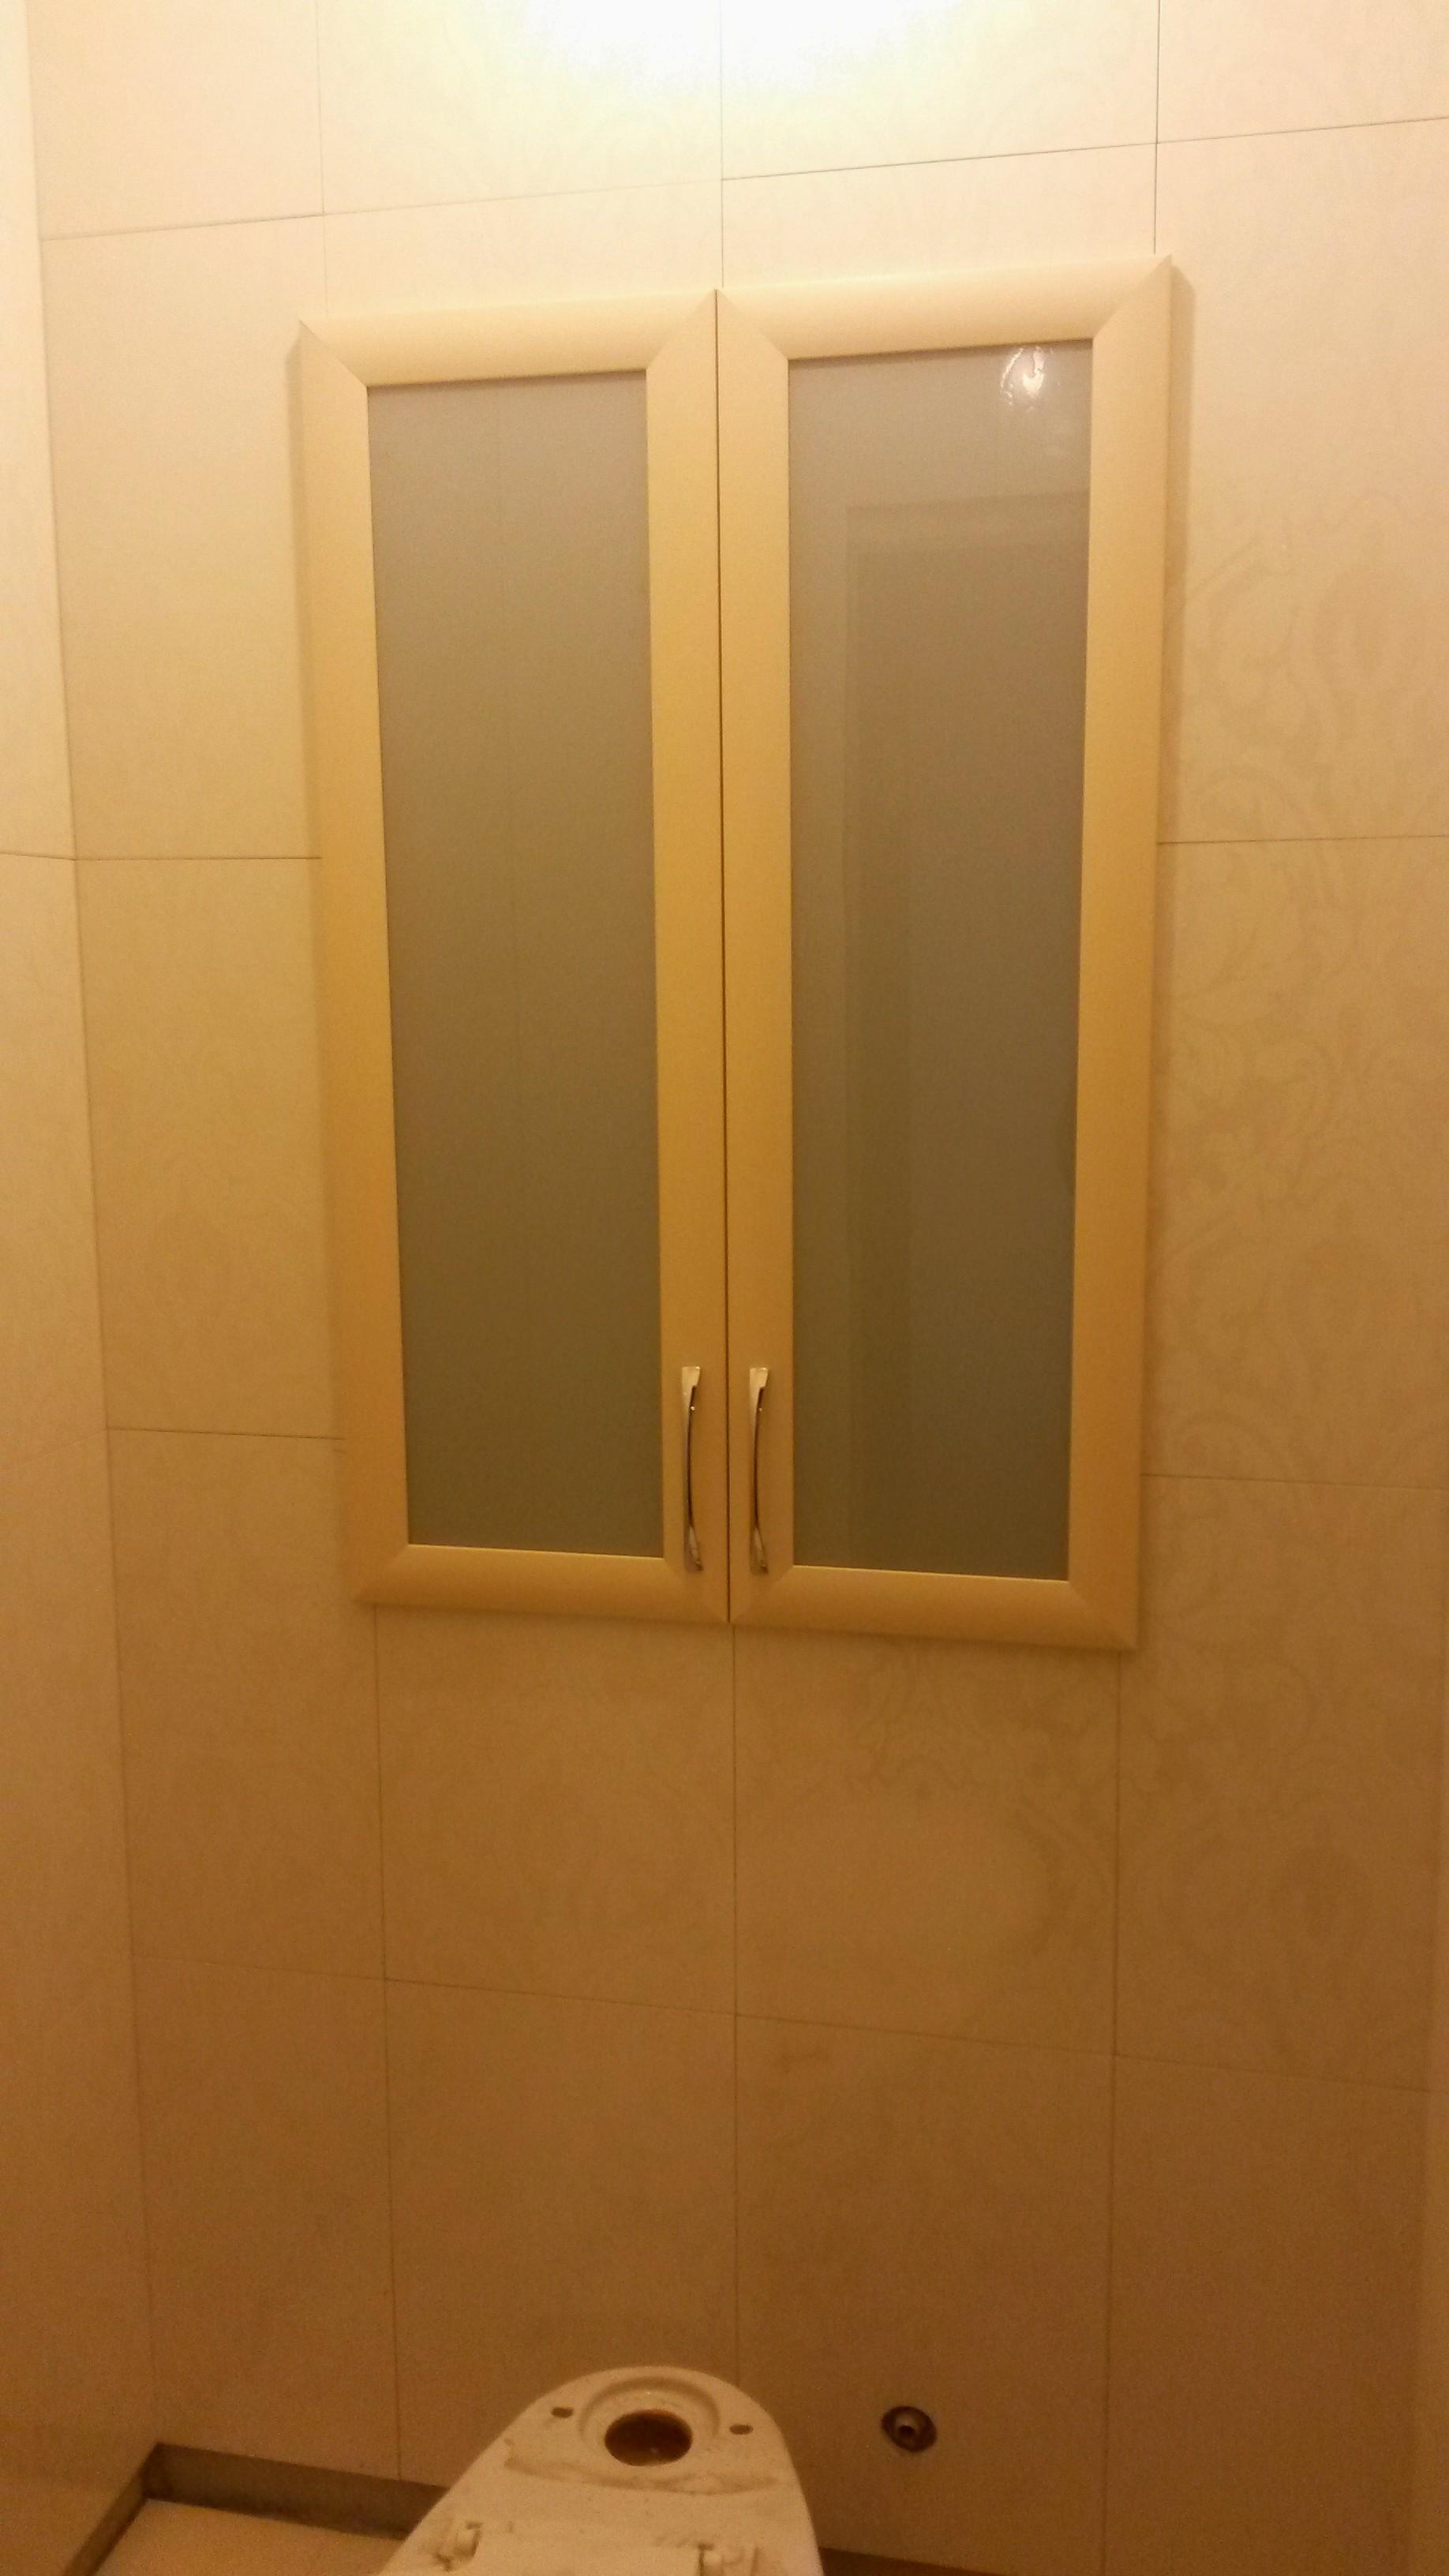 Матовое стекло в МДФ профиле